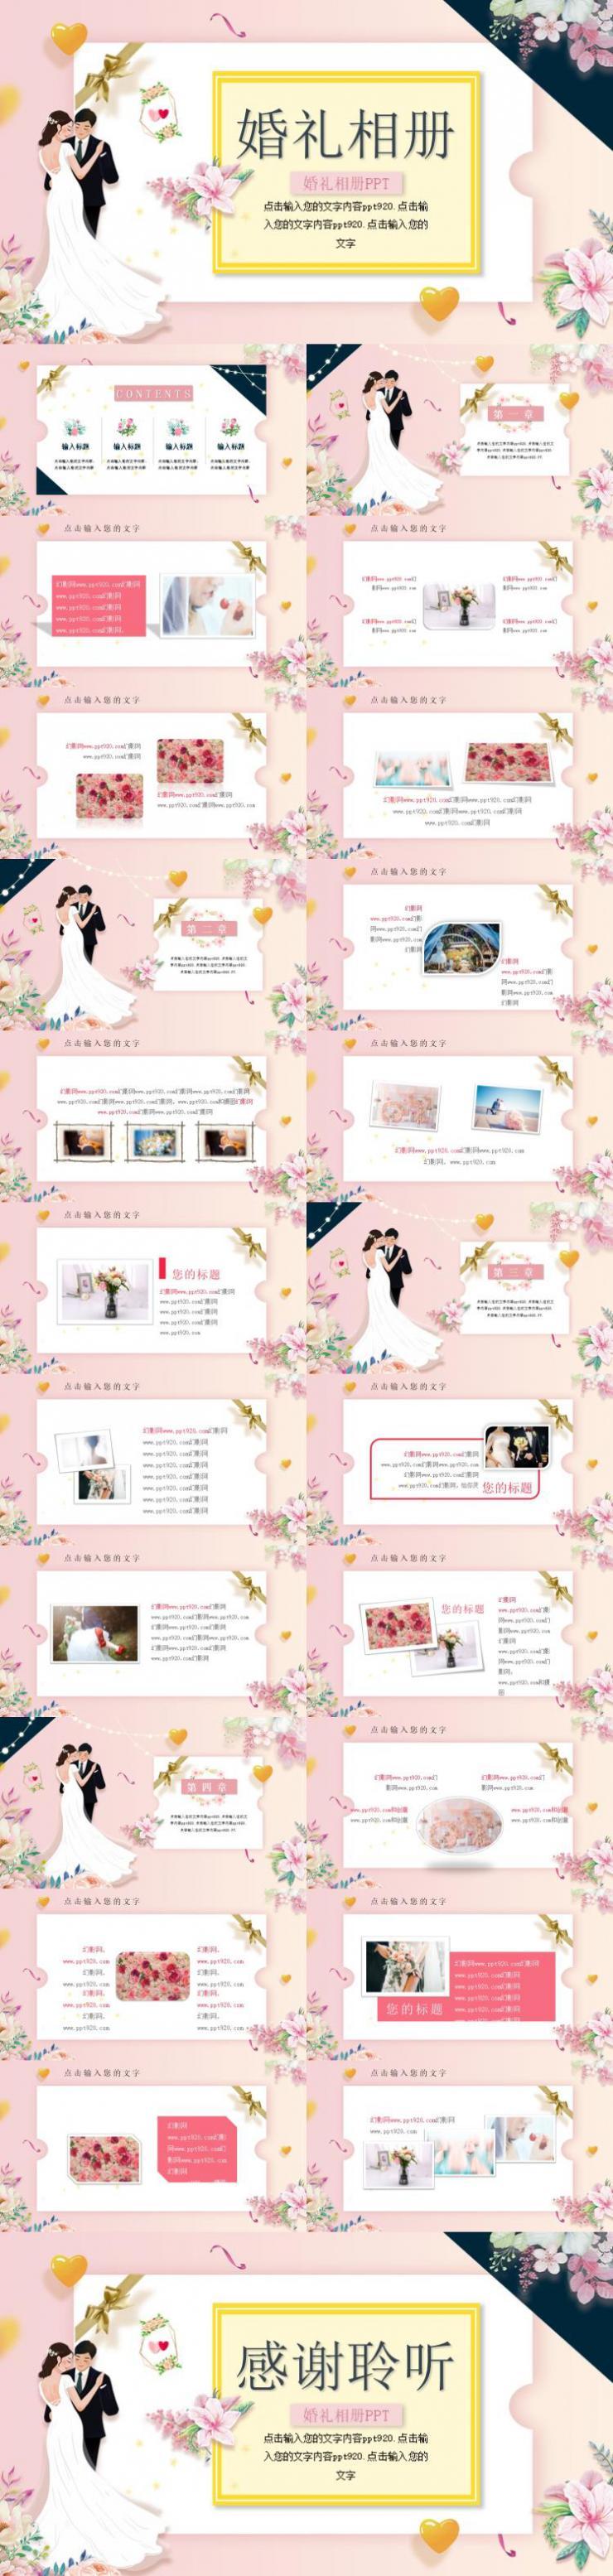 婚礼相册PPT模板下载